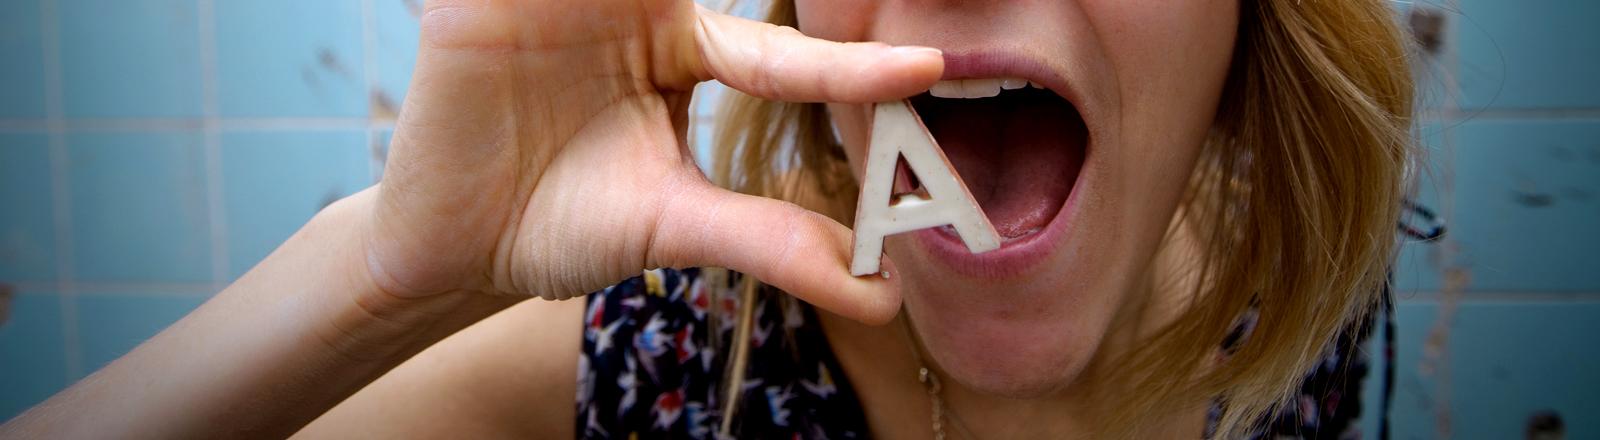 Eine Frau hält den Buchstaben A vor ihren offenen Mund